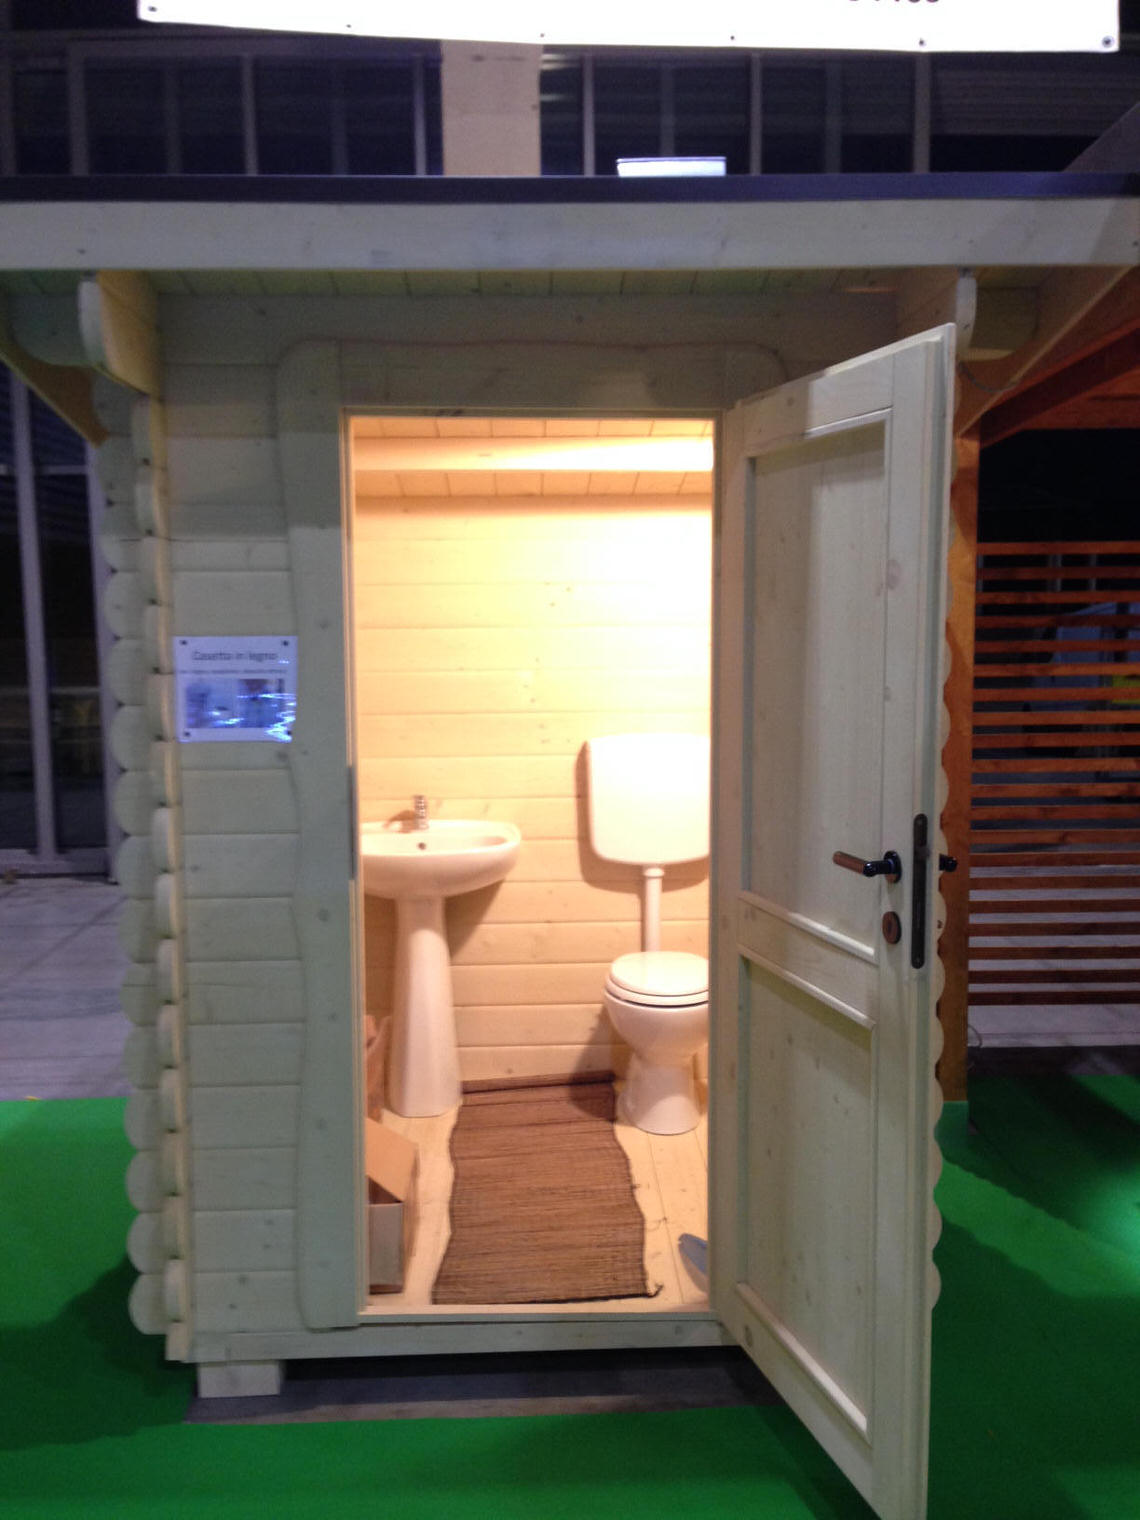 Bagno Esterno In Giardino casette in legno prefabbricate, casette da giardino - edillegno